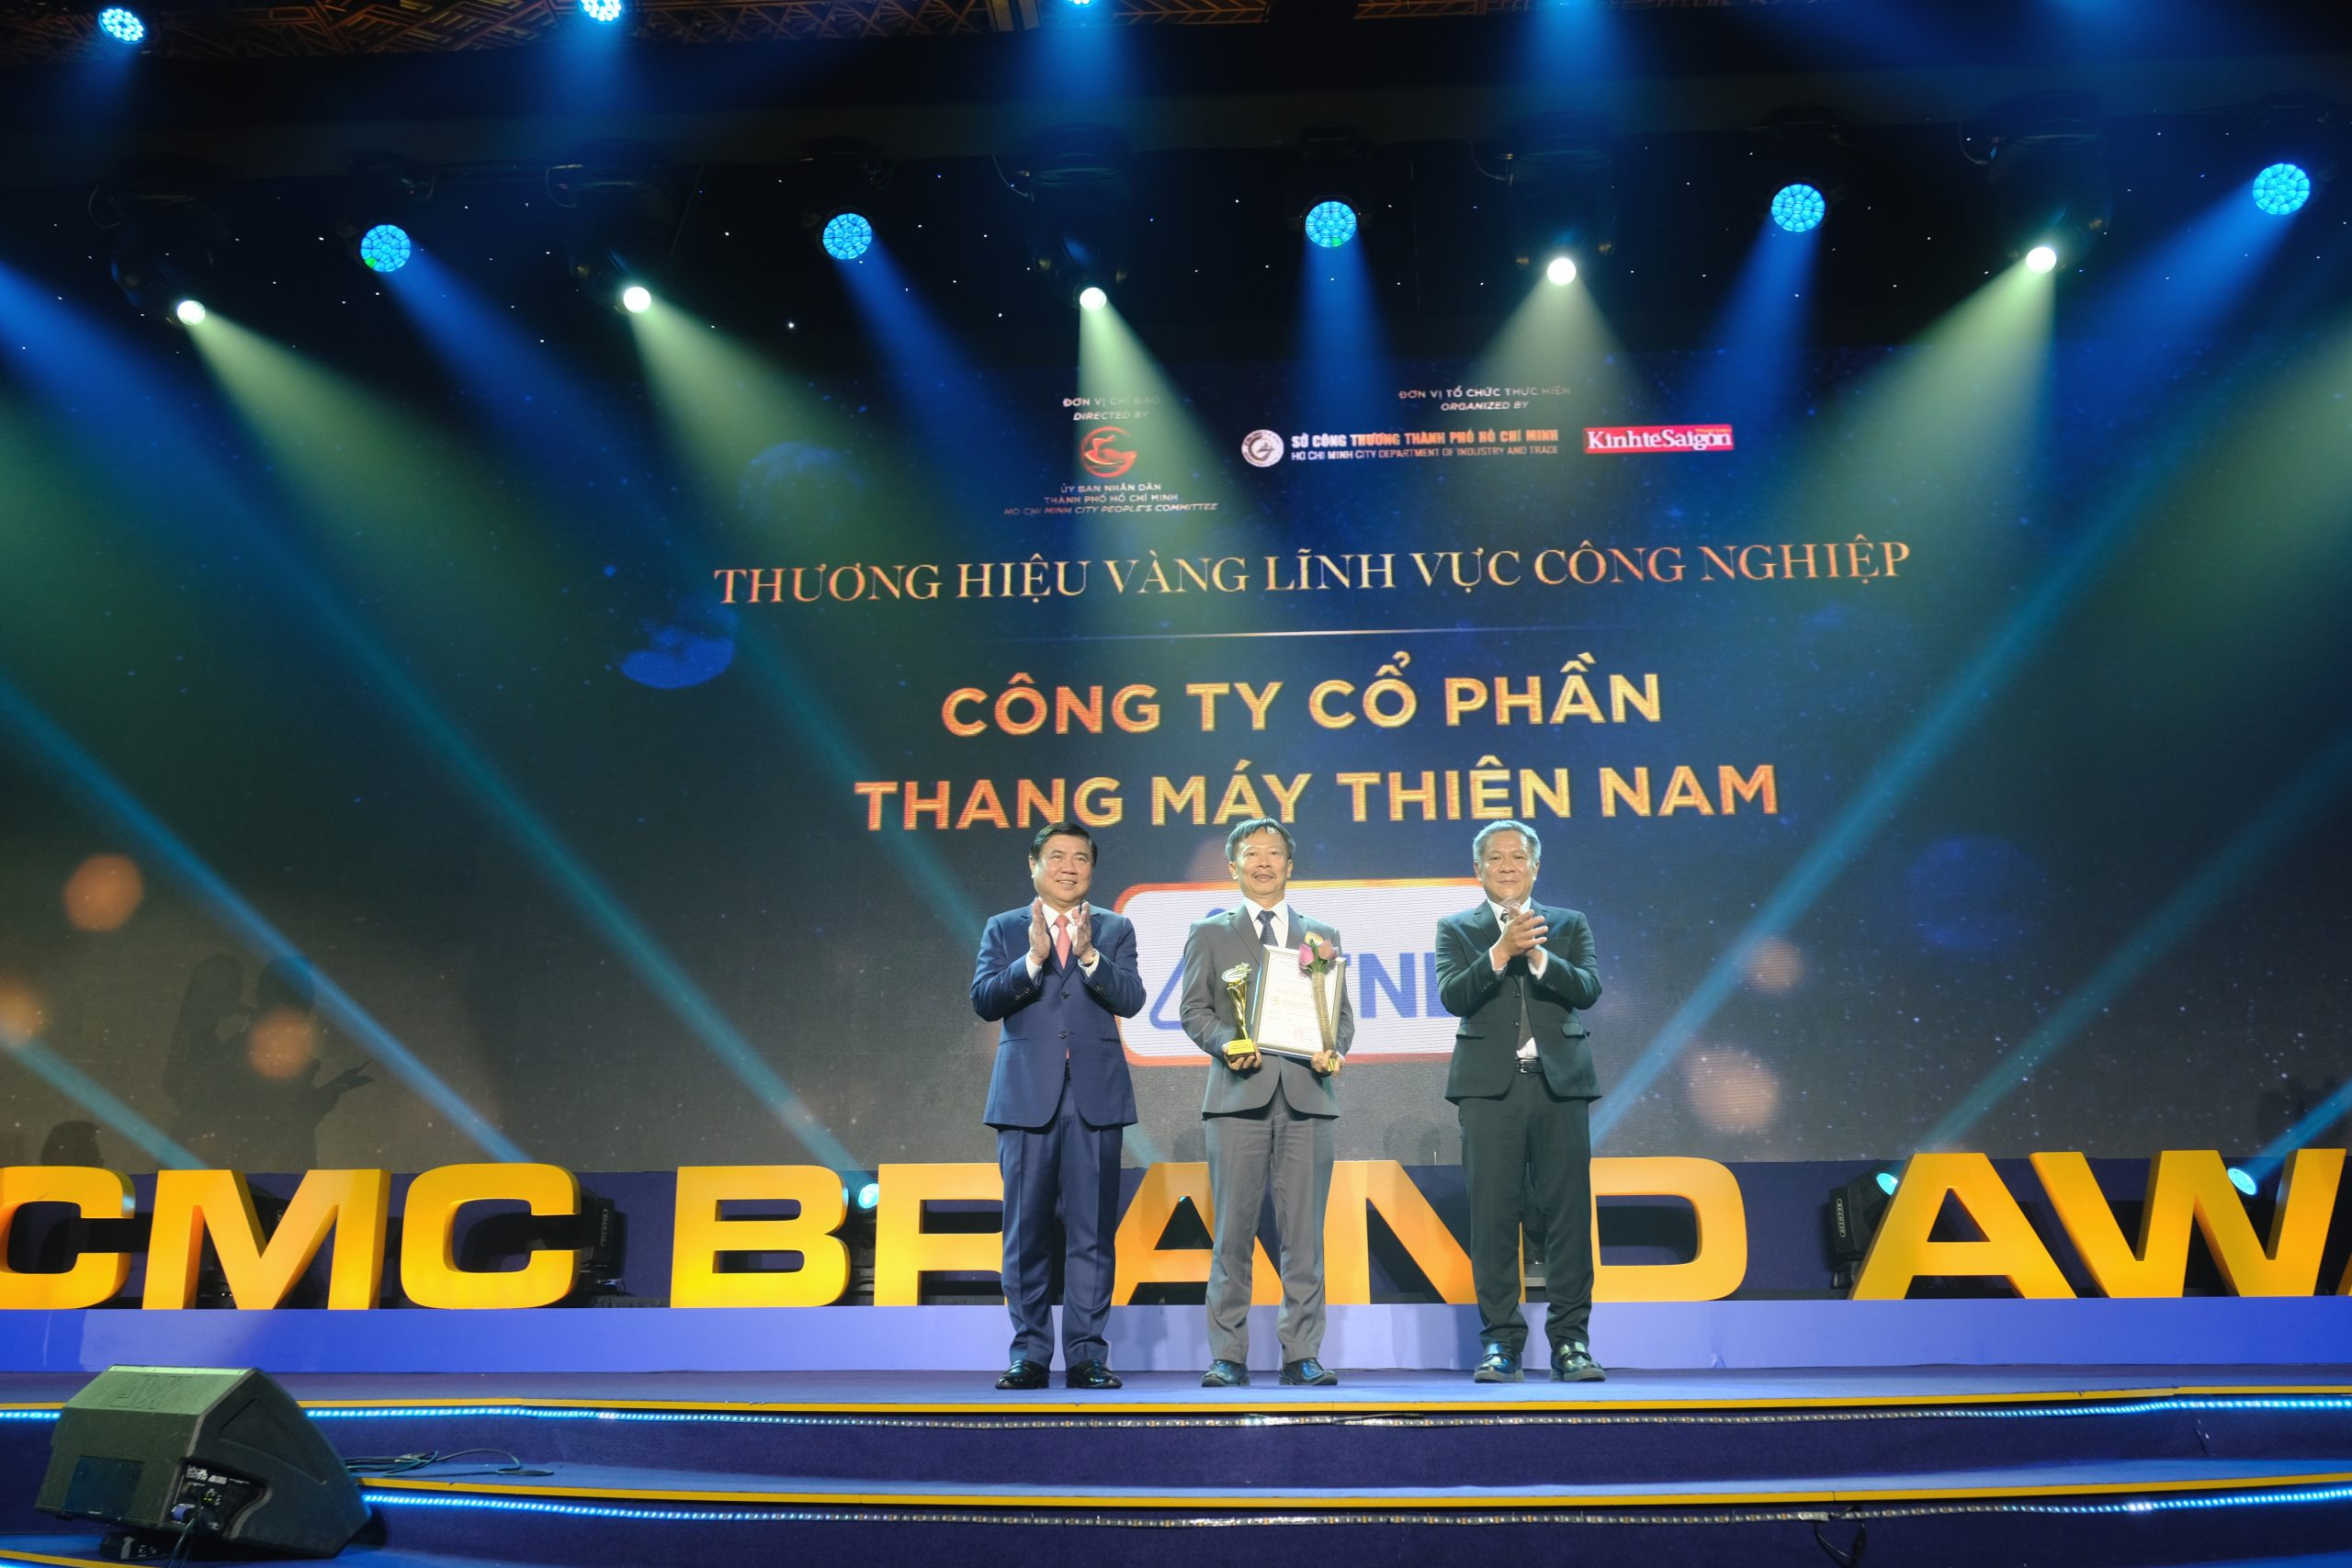 Thien Nam 1